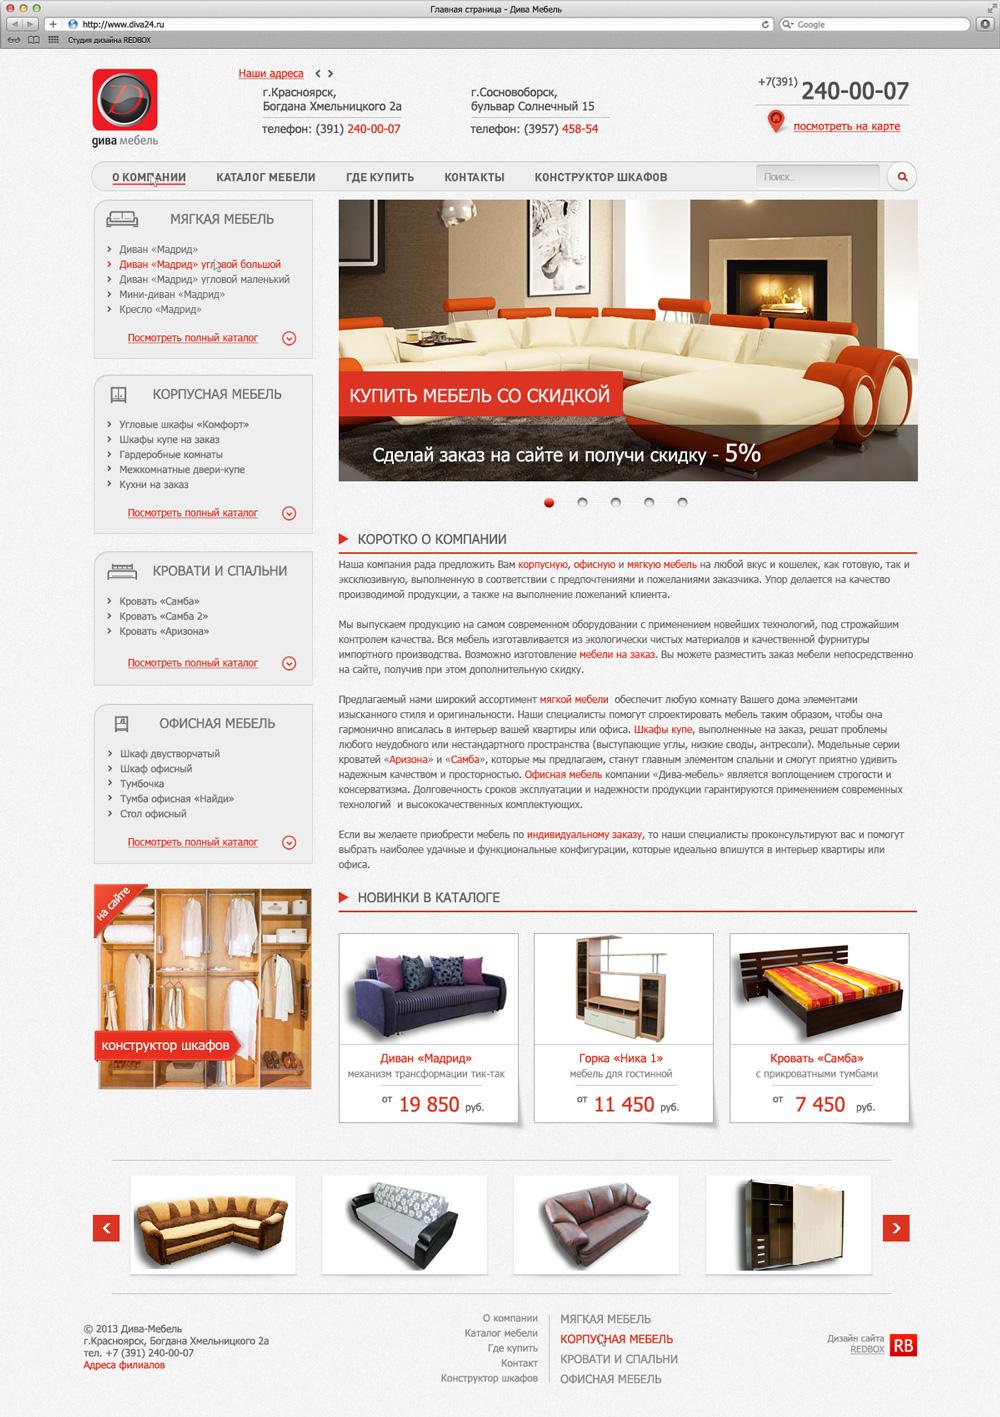 Главная страница сайта мебельного магазина